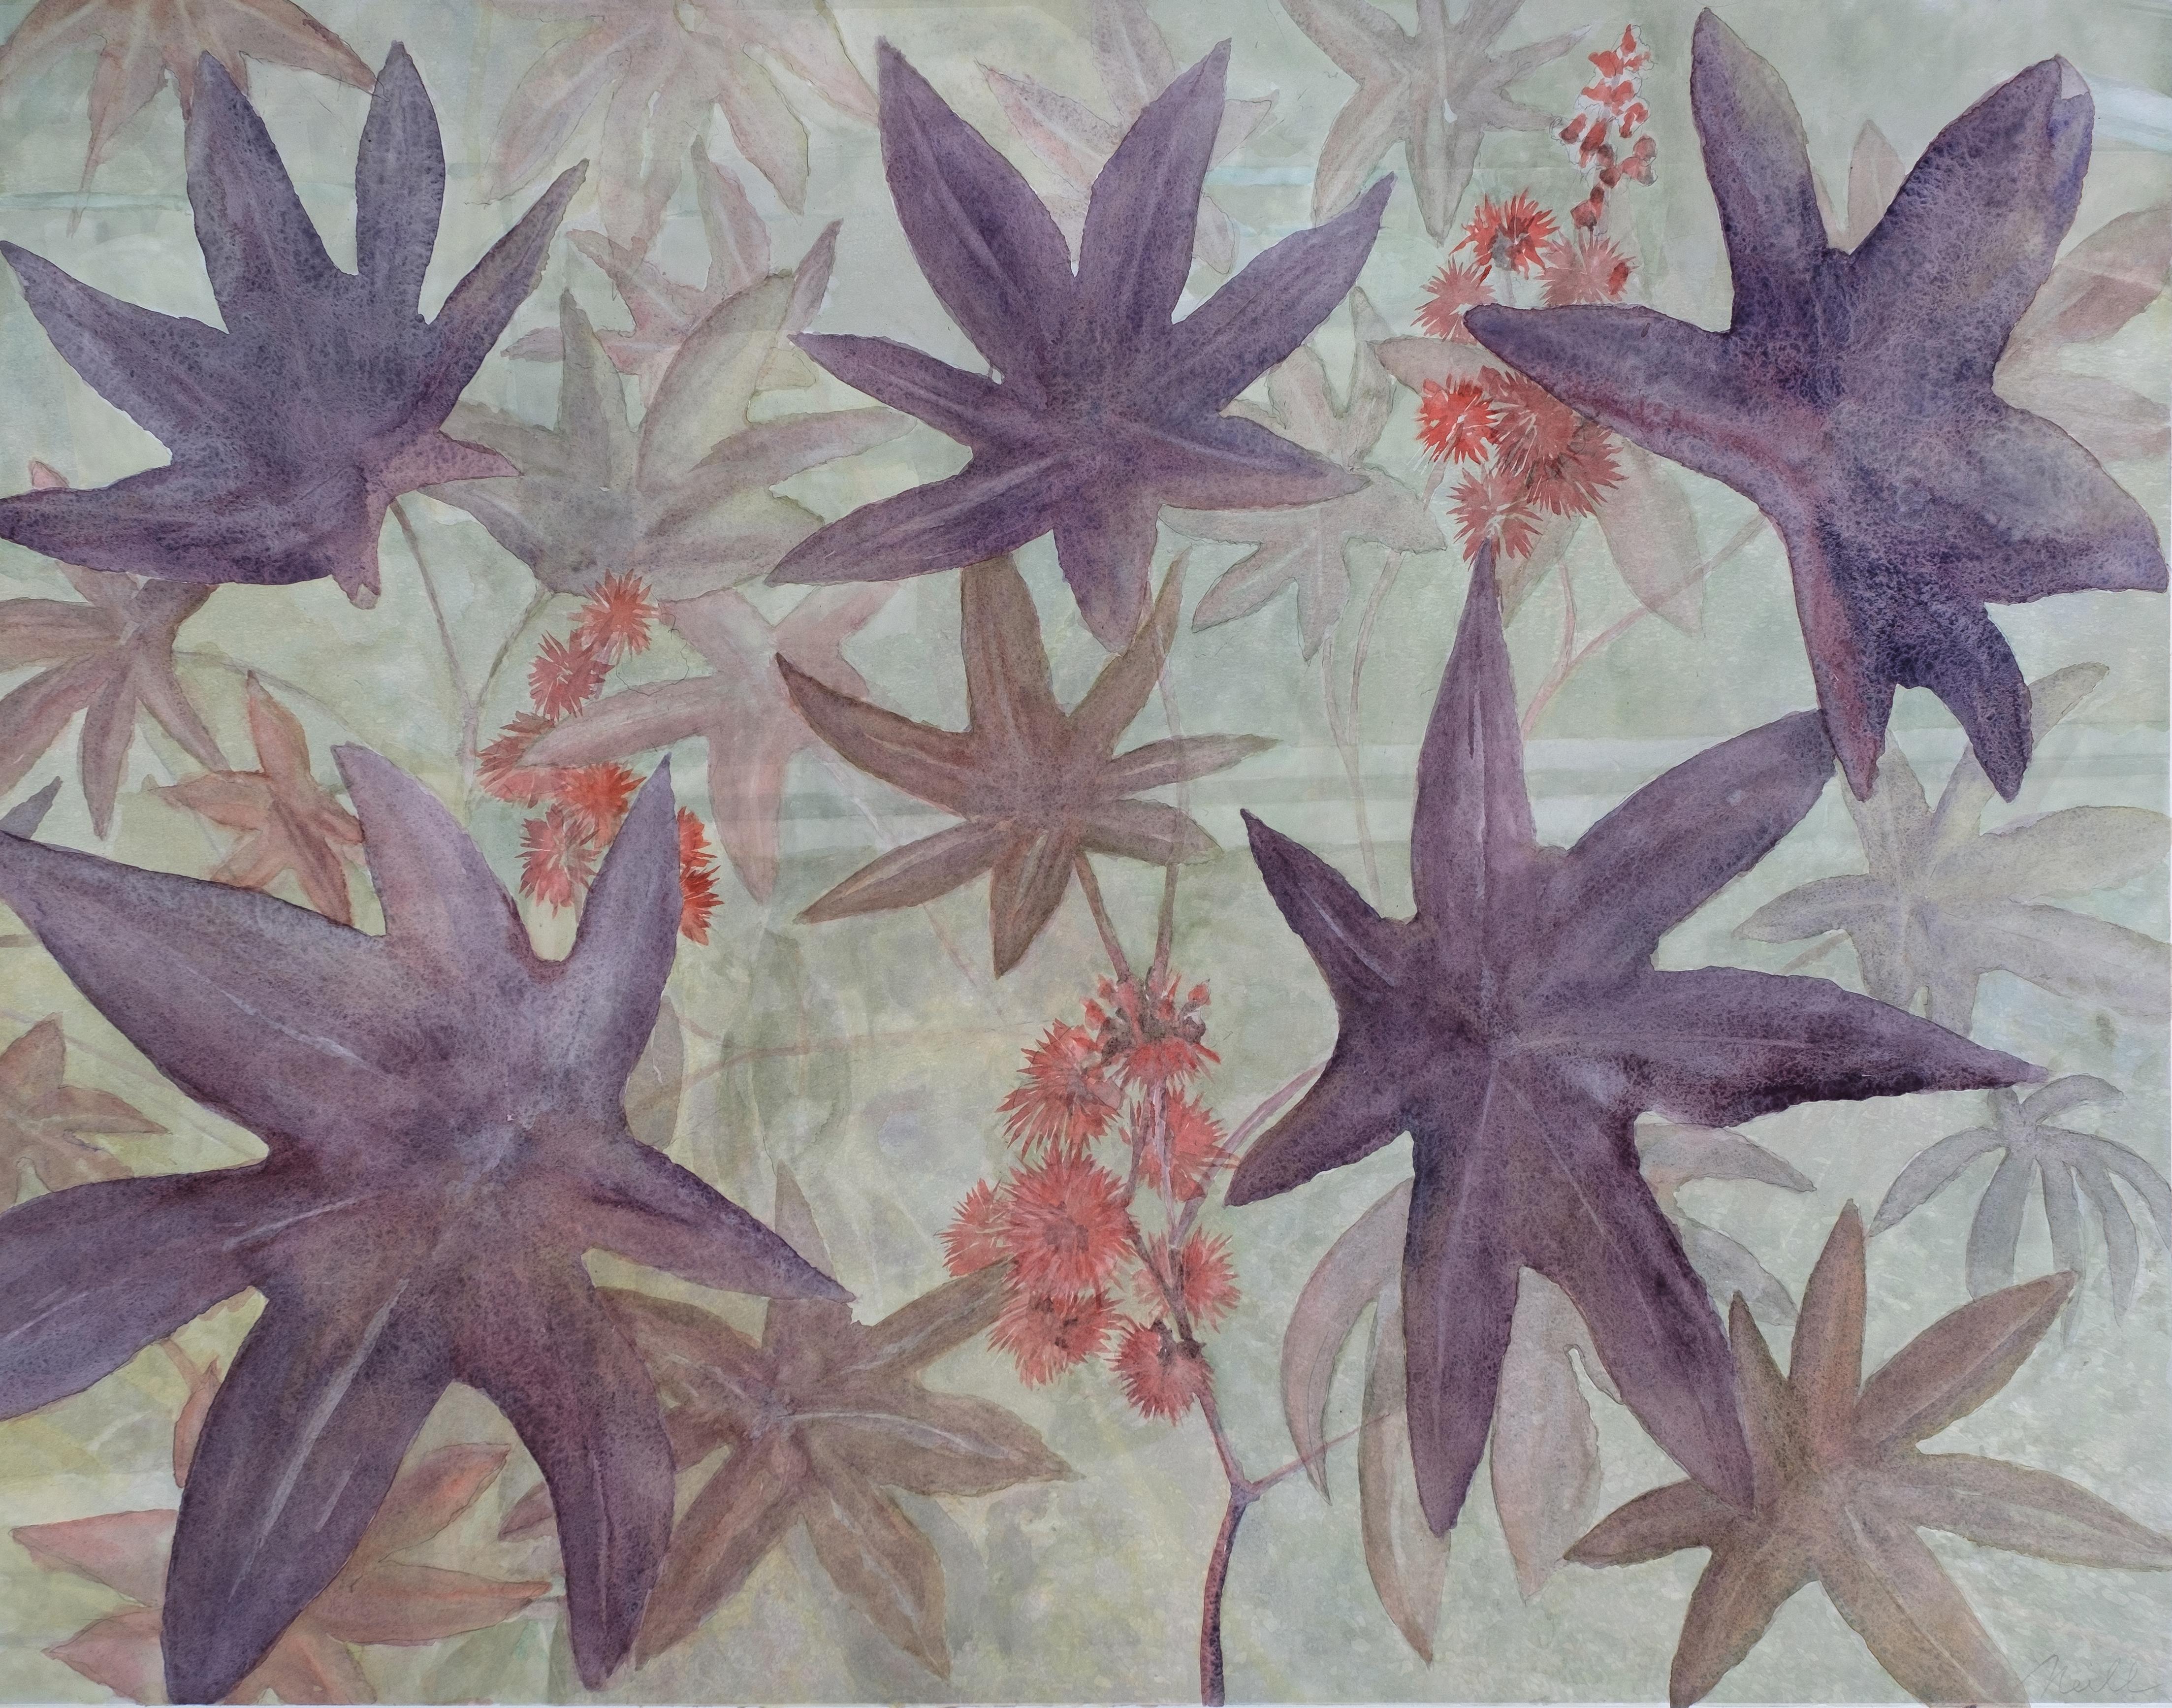 """Castor Bean, 2020, Watercolor, Archival pigment print, 24"""" x 31"""""""